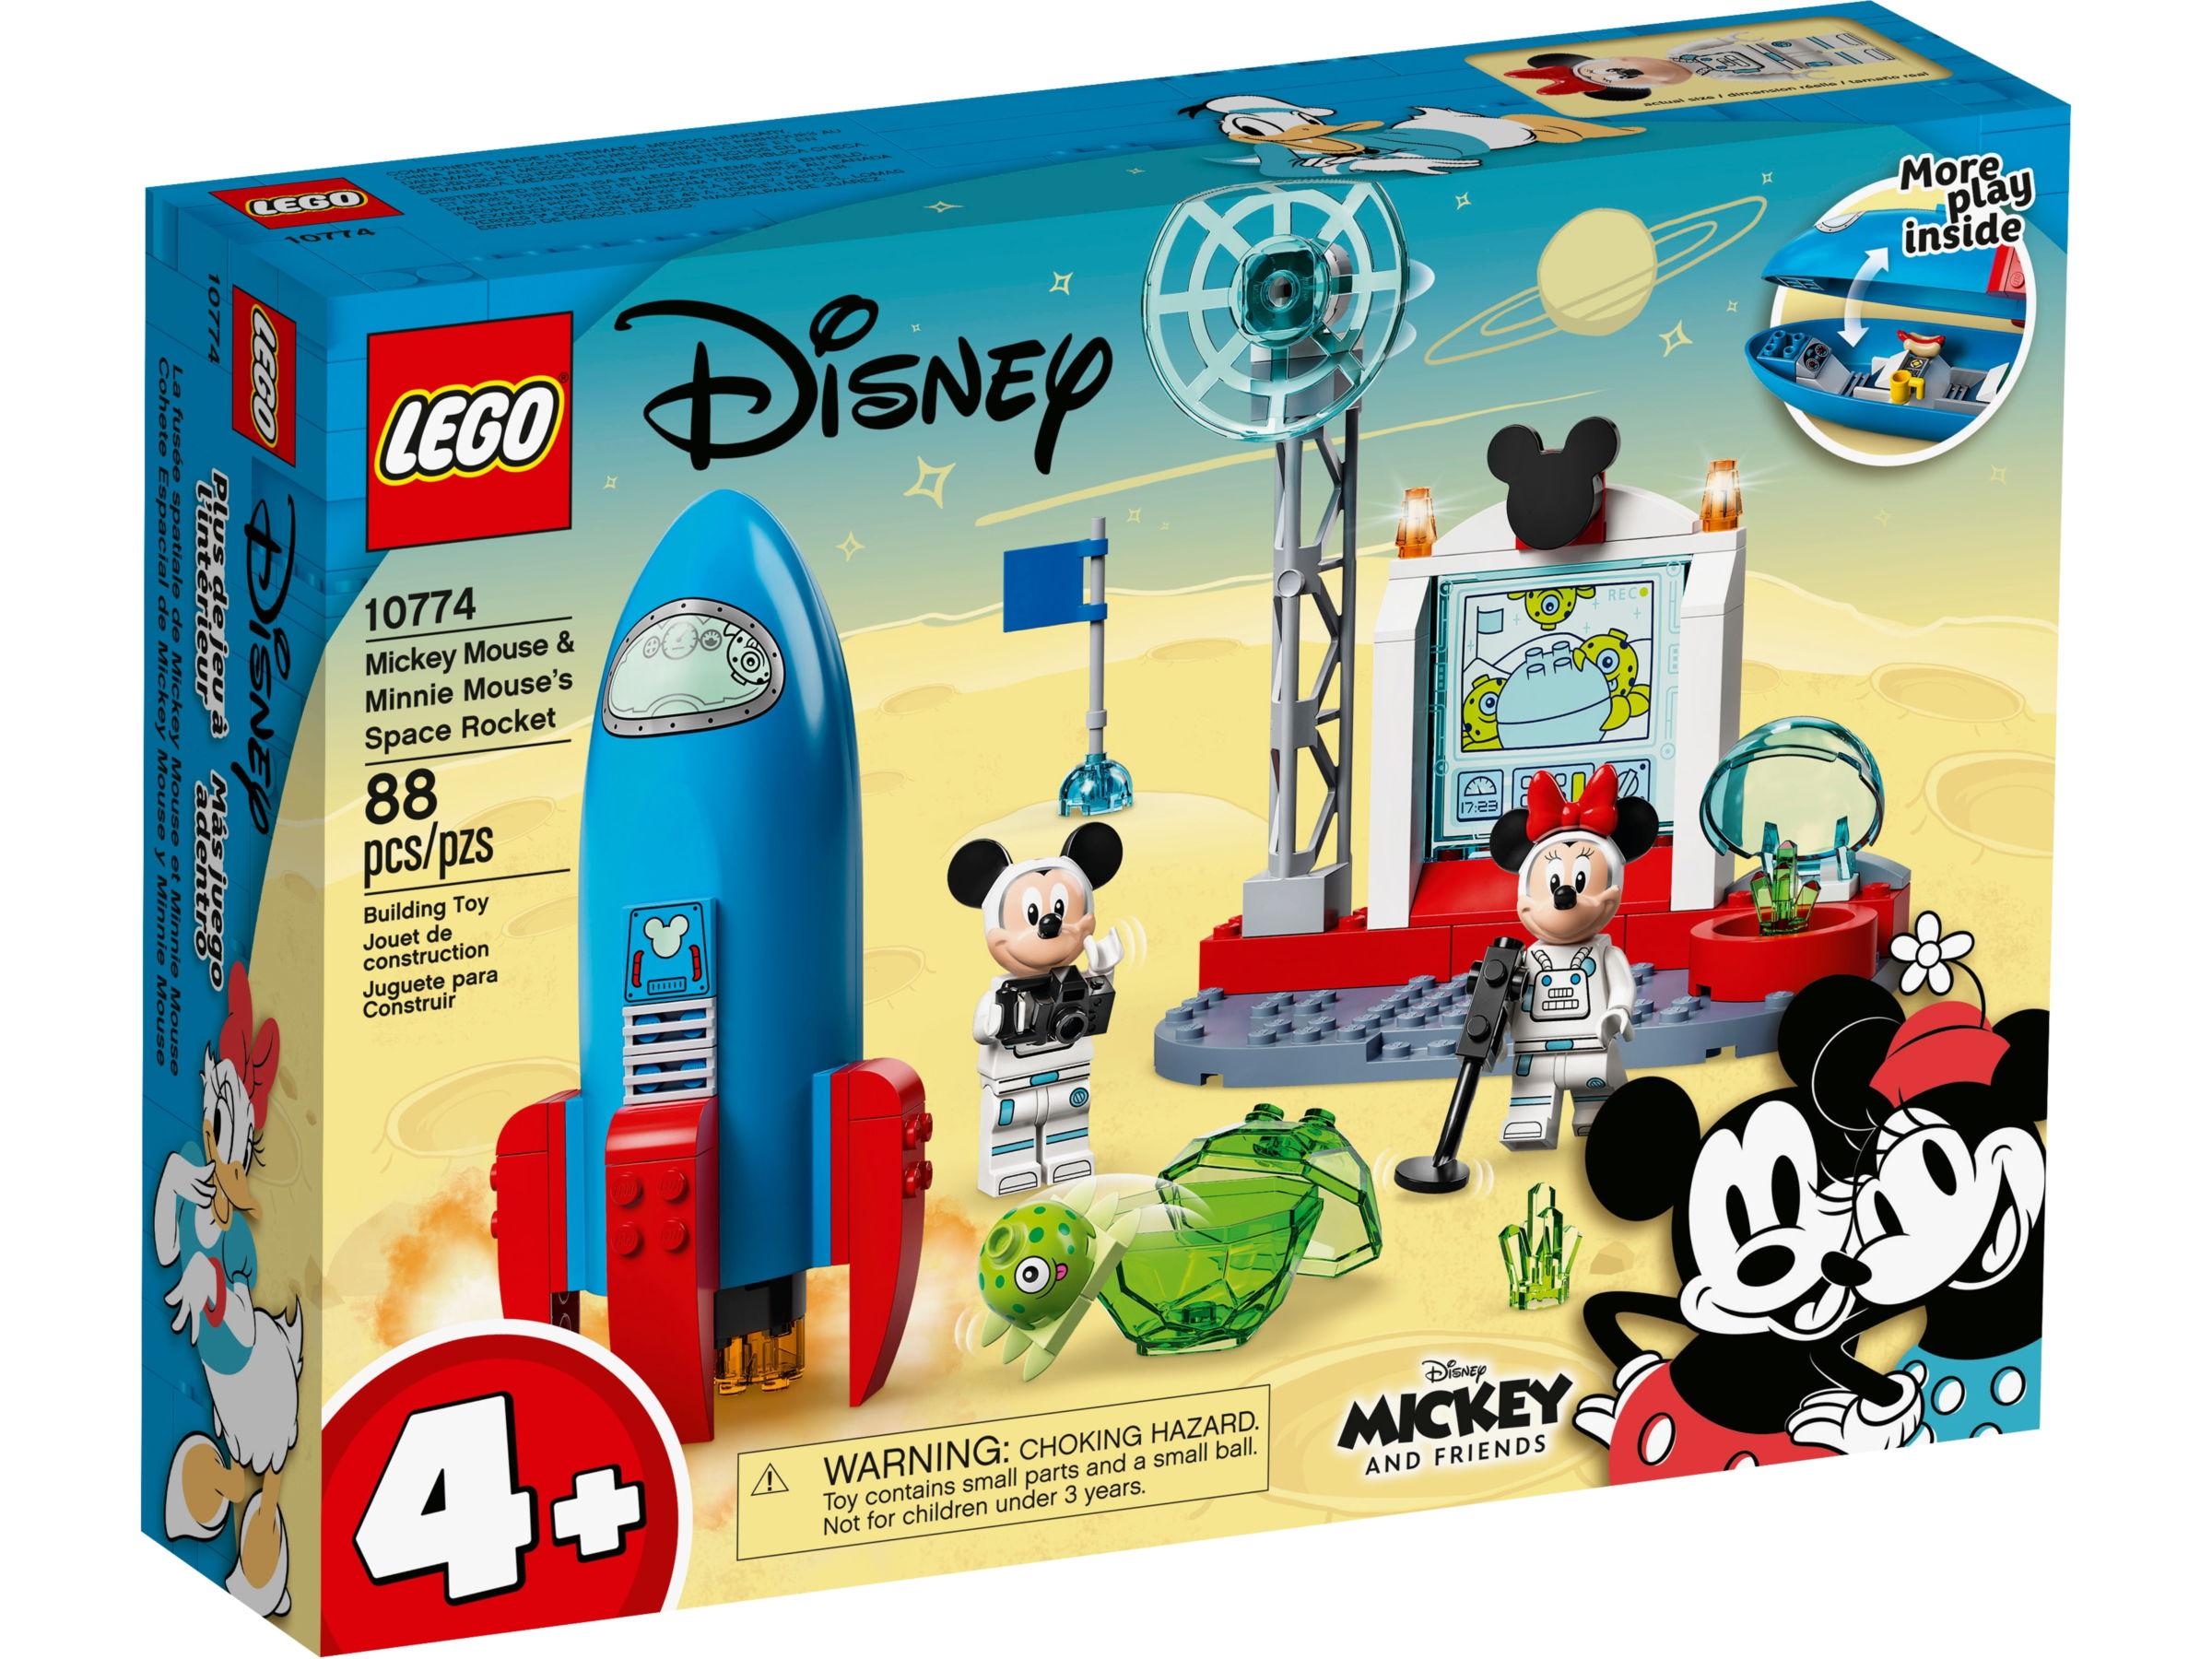 LEGO Disney 10774 Mickey Mouse & Minnie Mouse ruimteraket